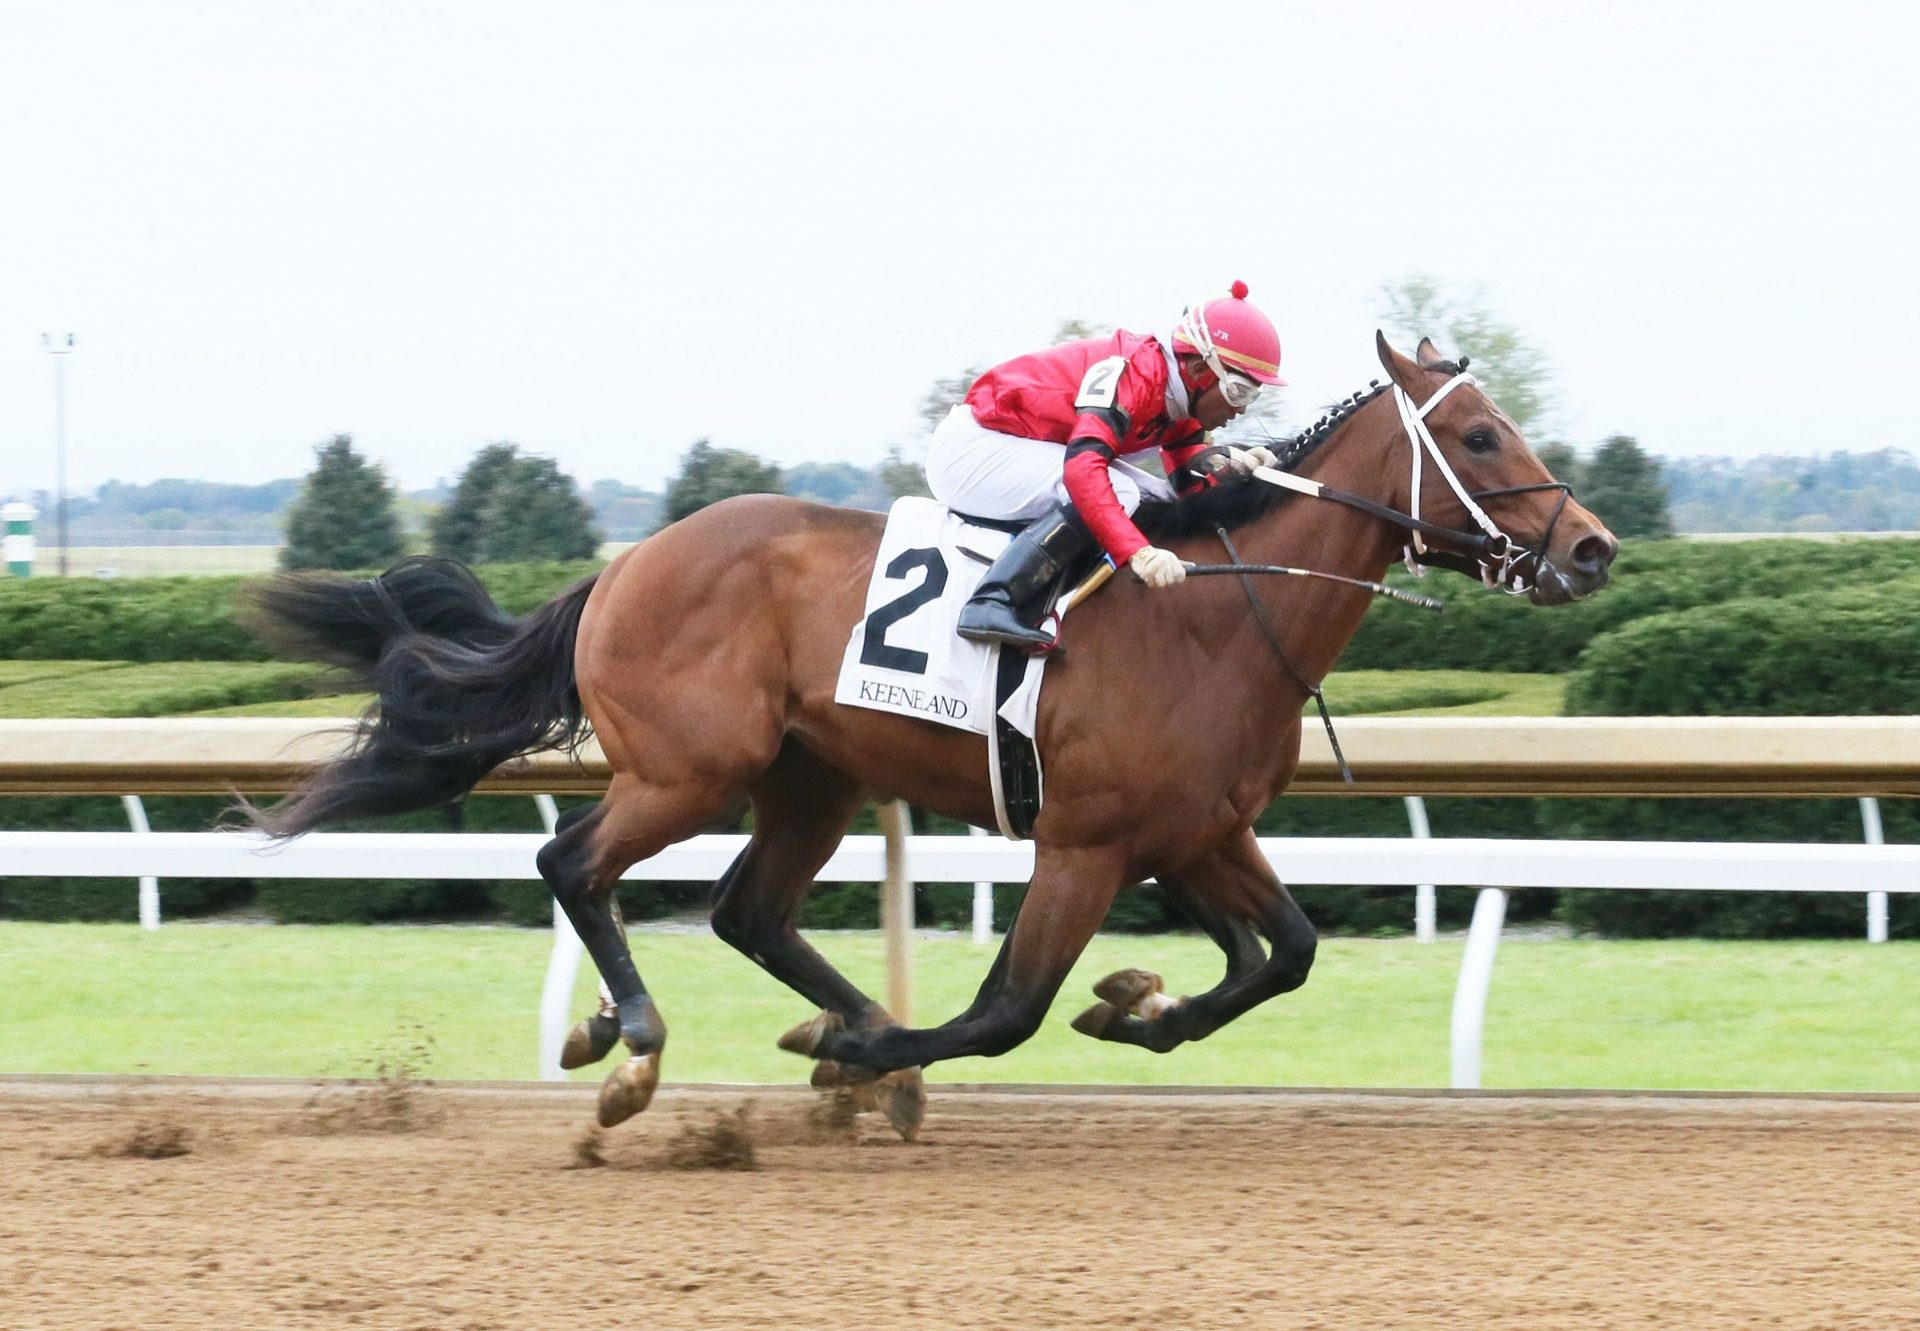 Boldor (Munnings) winning at Keeneland